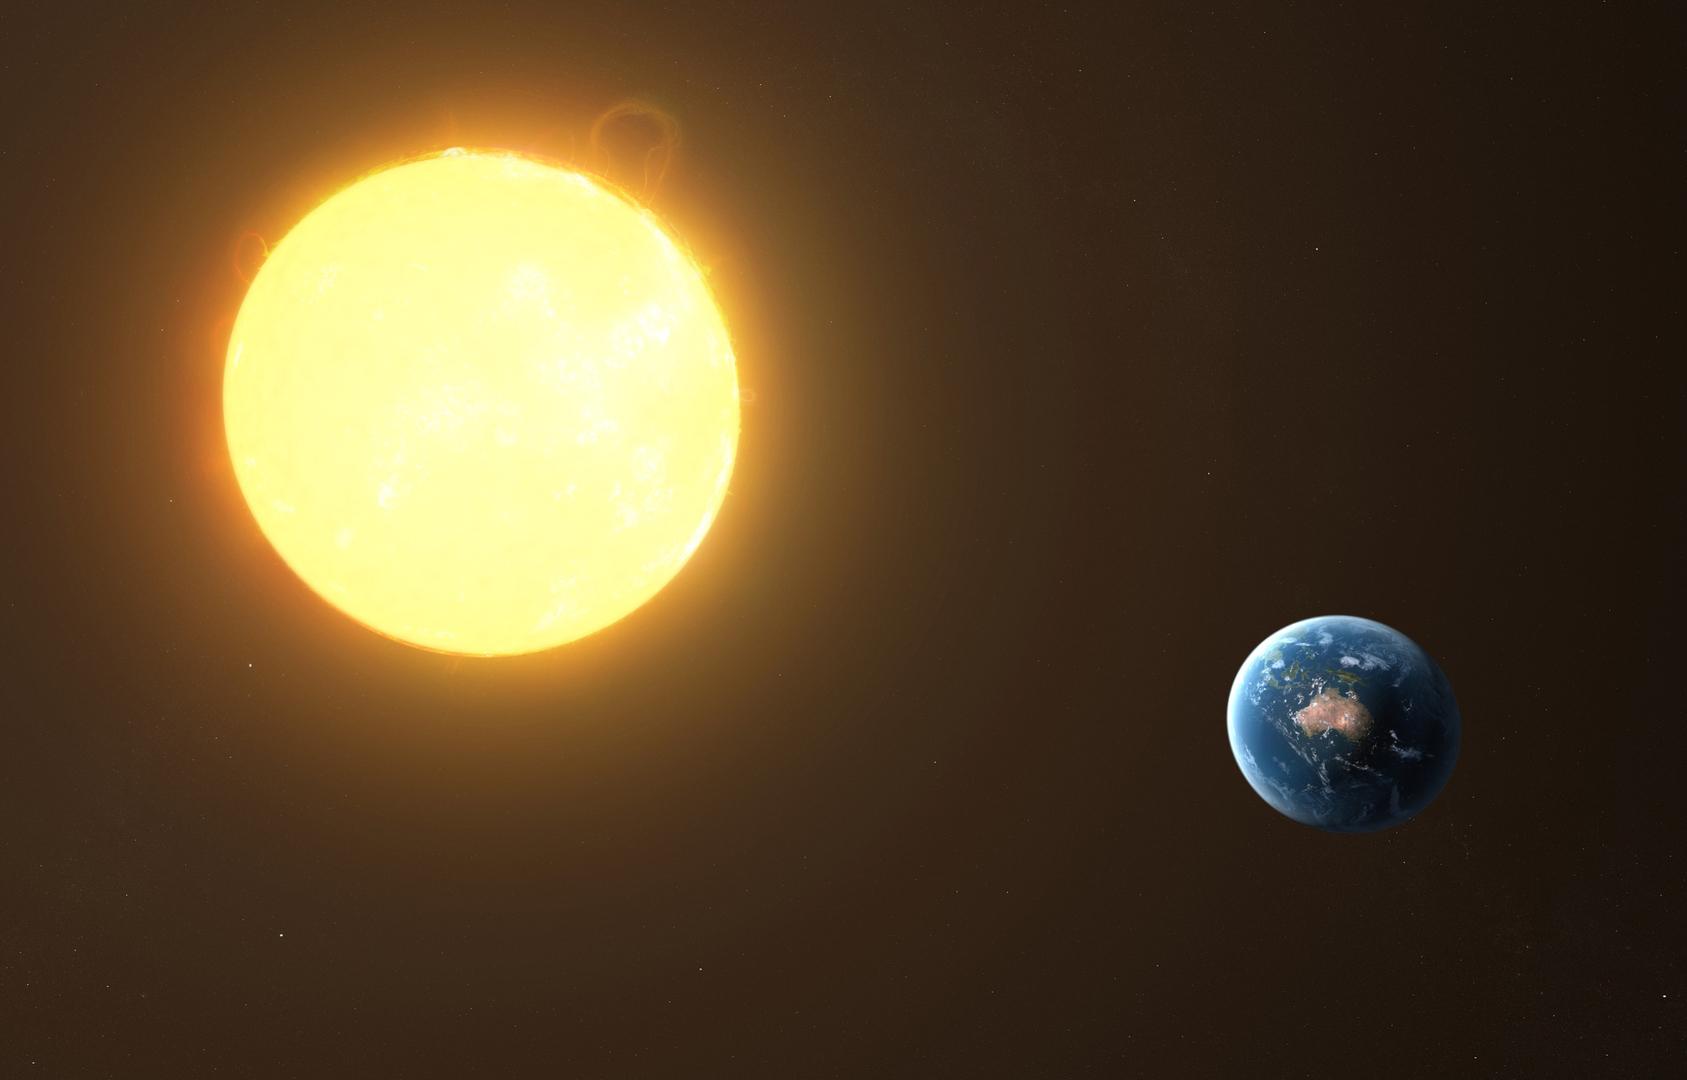 ماذا سيحدث لو حاول البشر الهبوط على الشمس؟